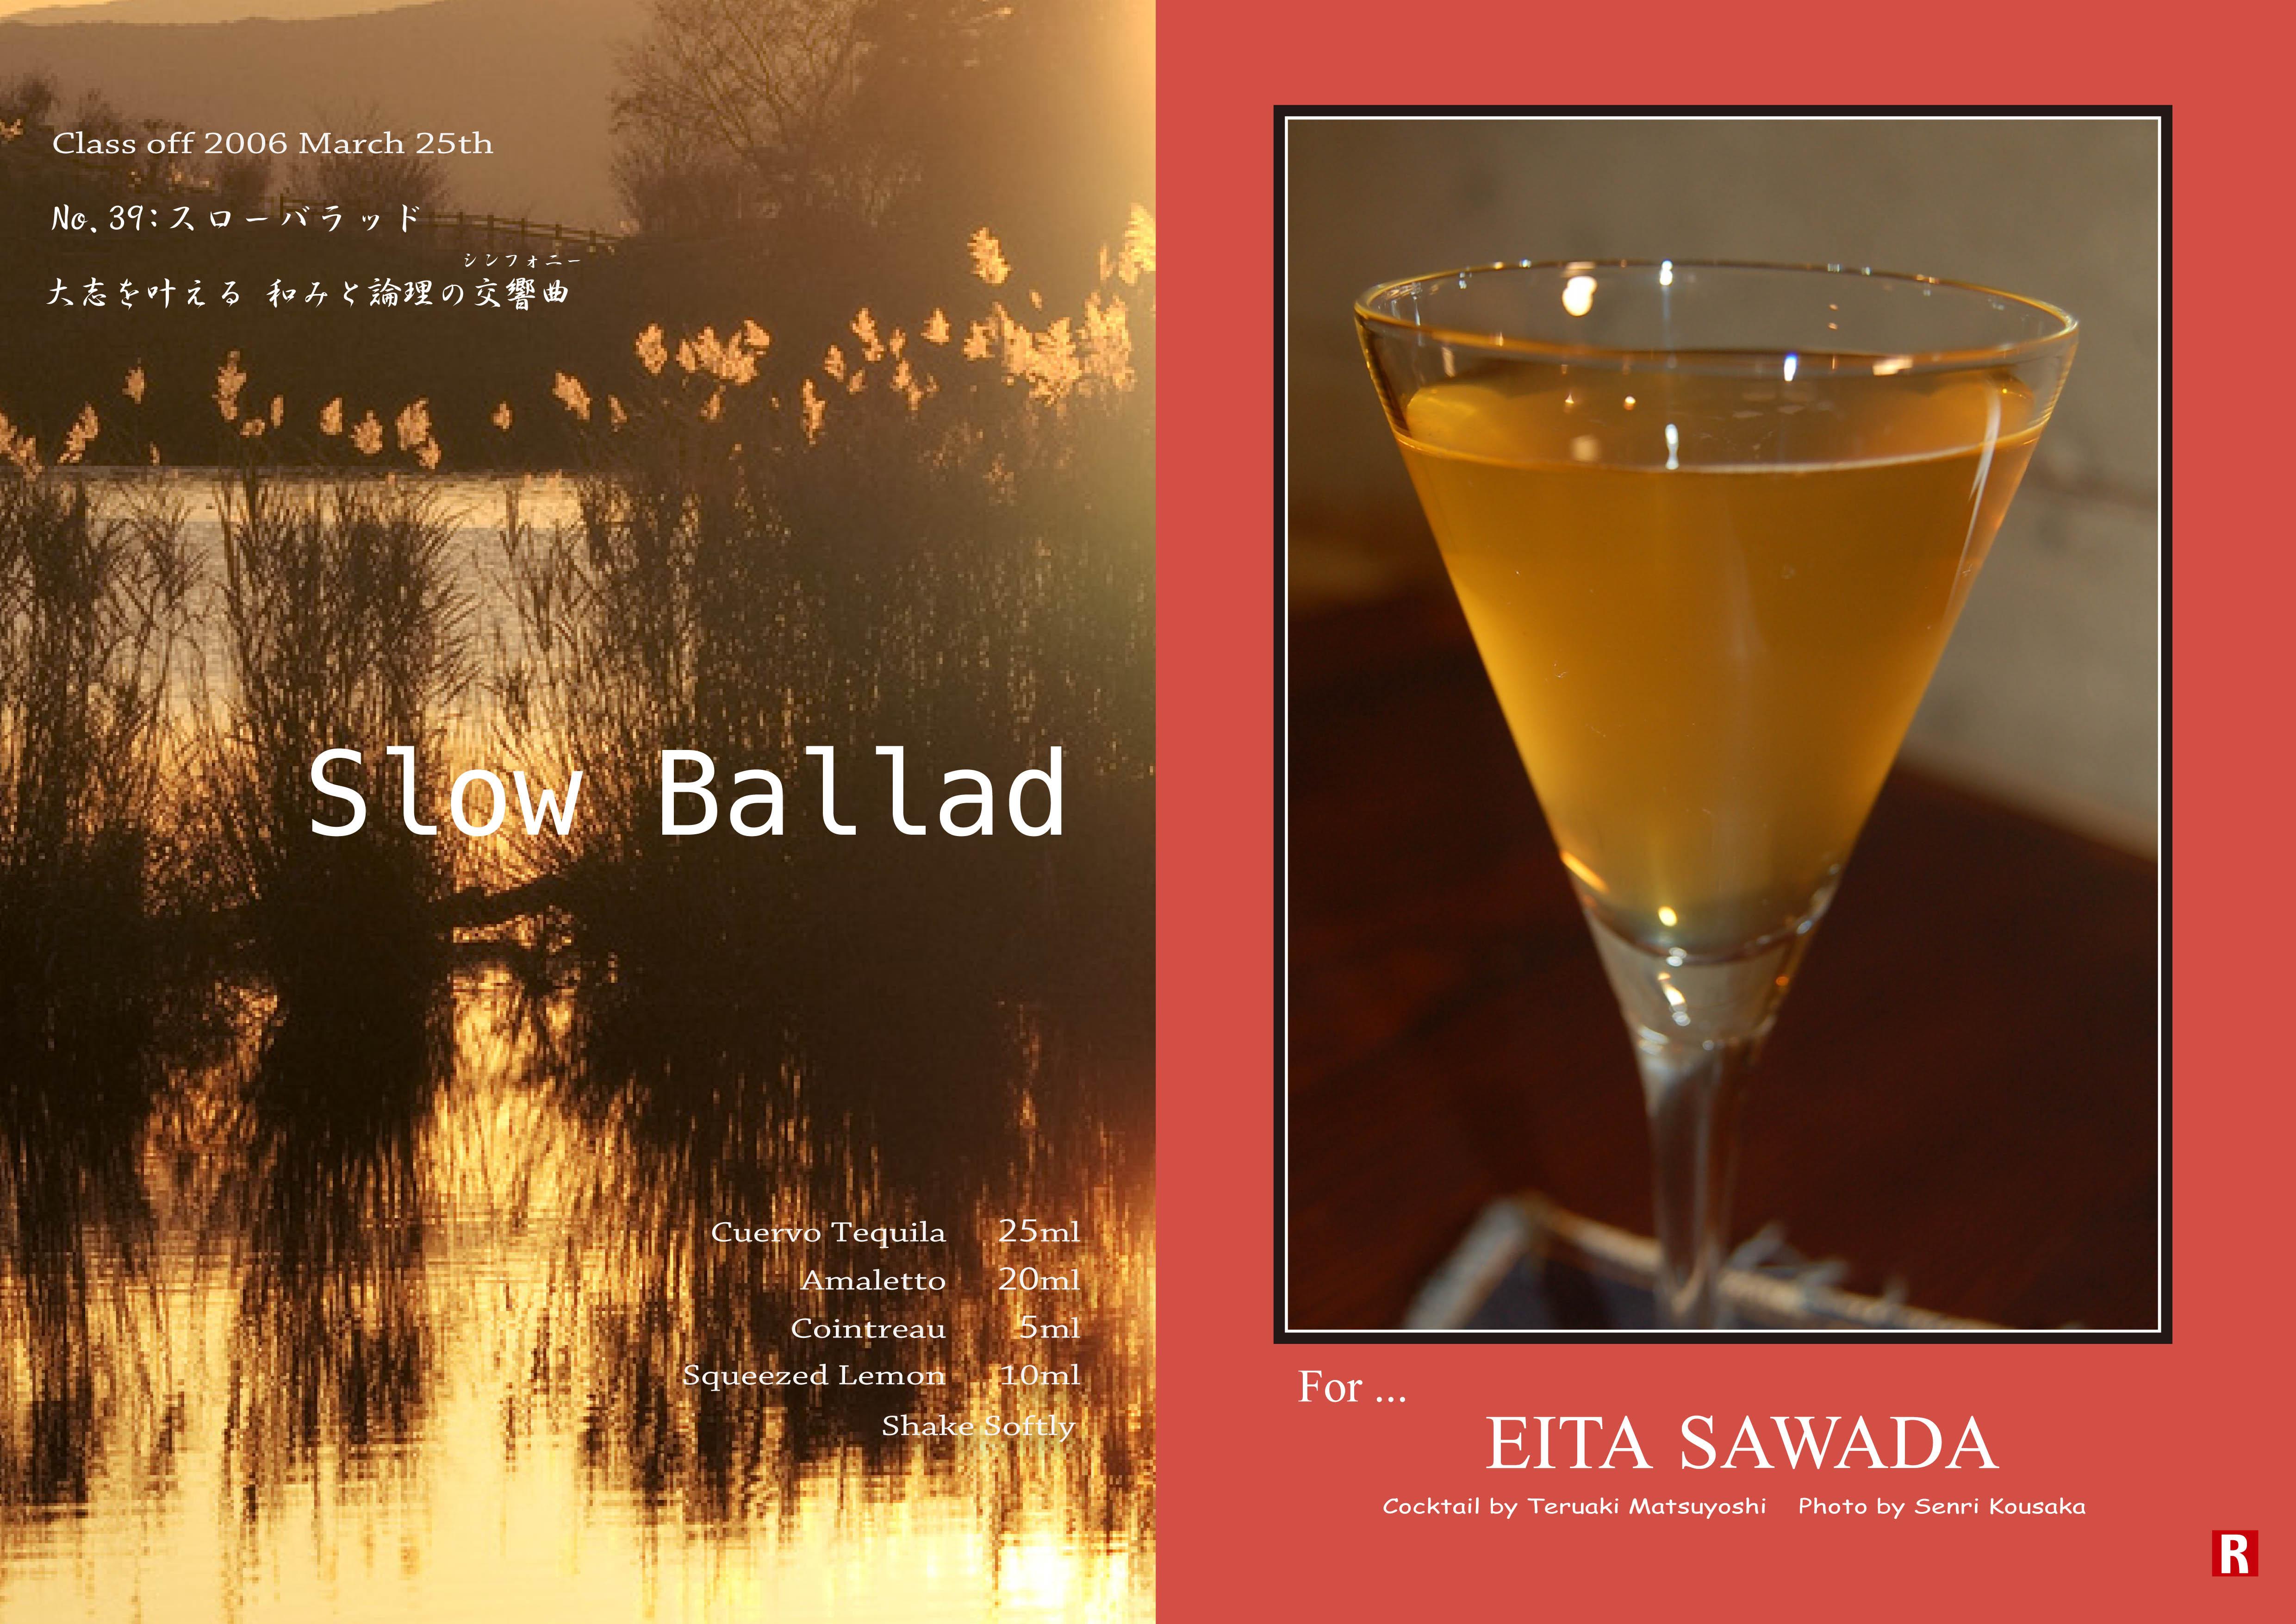 200603Eita-Sawada_Slow-Ballad